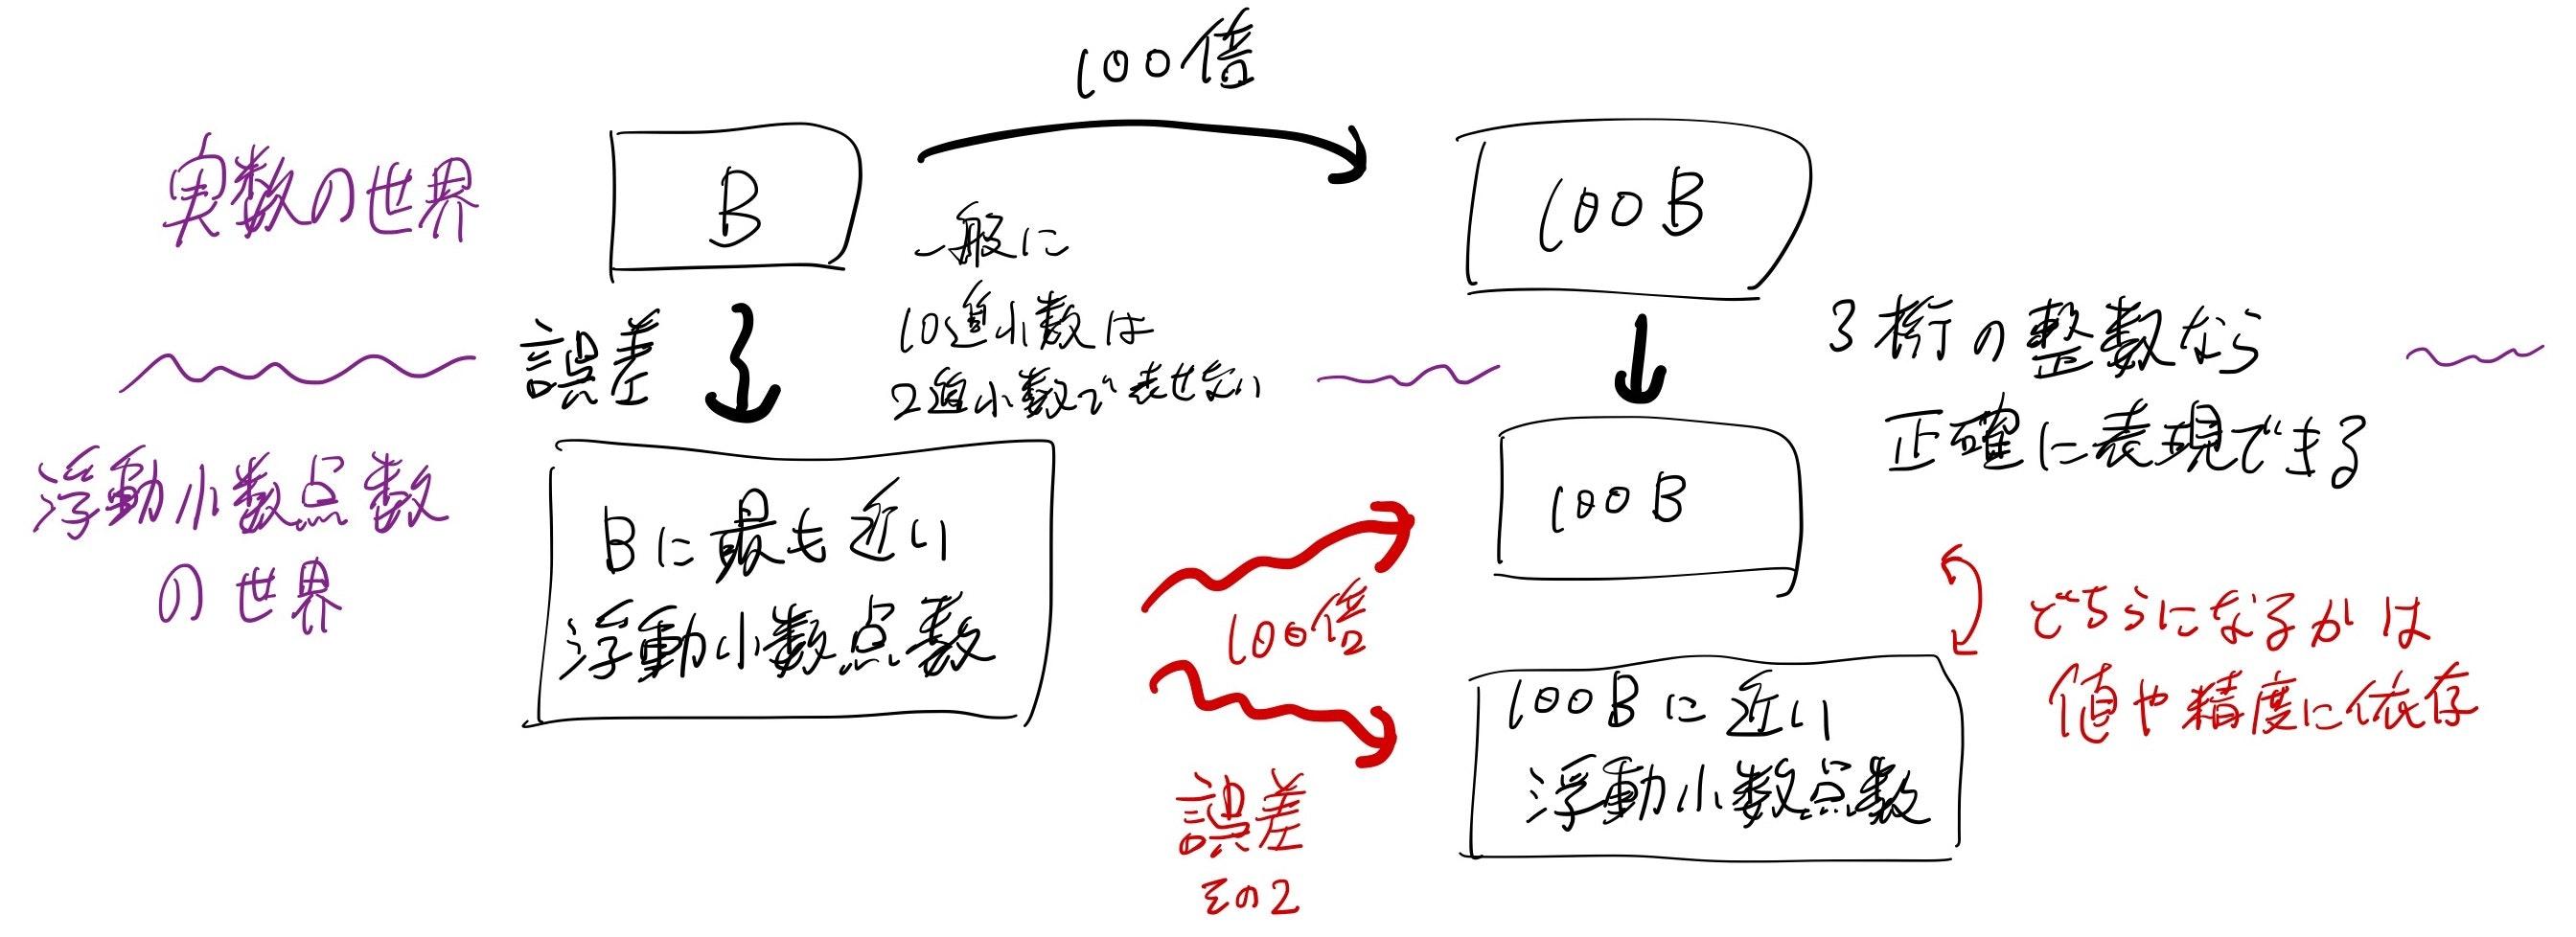 abc169c-rounding.jpg